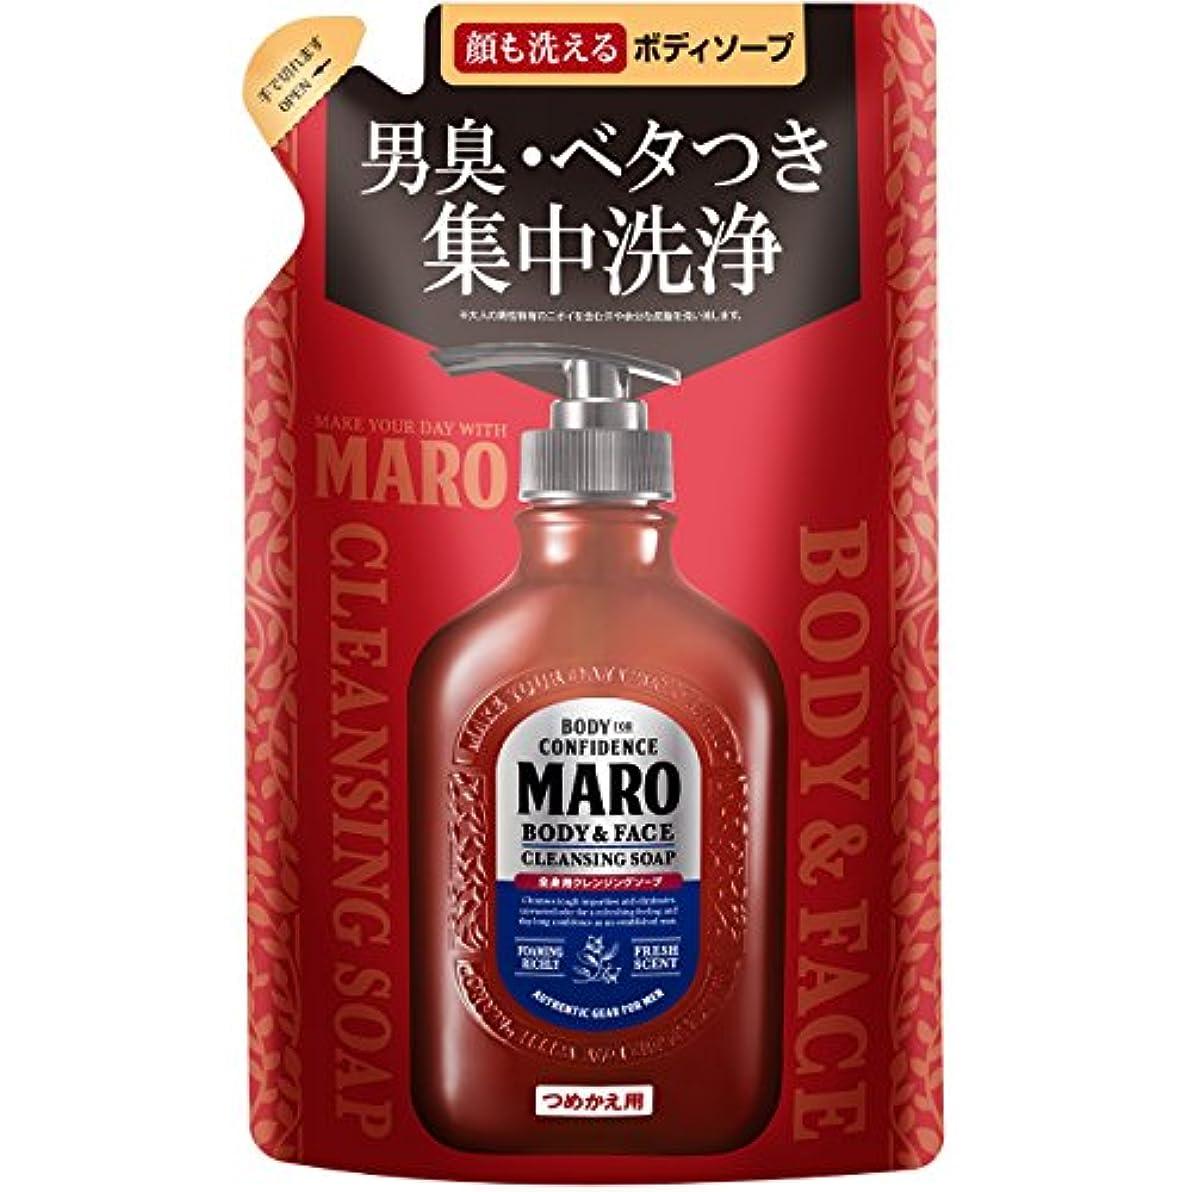 インスタント改修する妖精MARO 全身用 ボディソープ 詰め替え 380ml